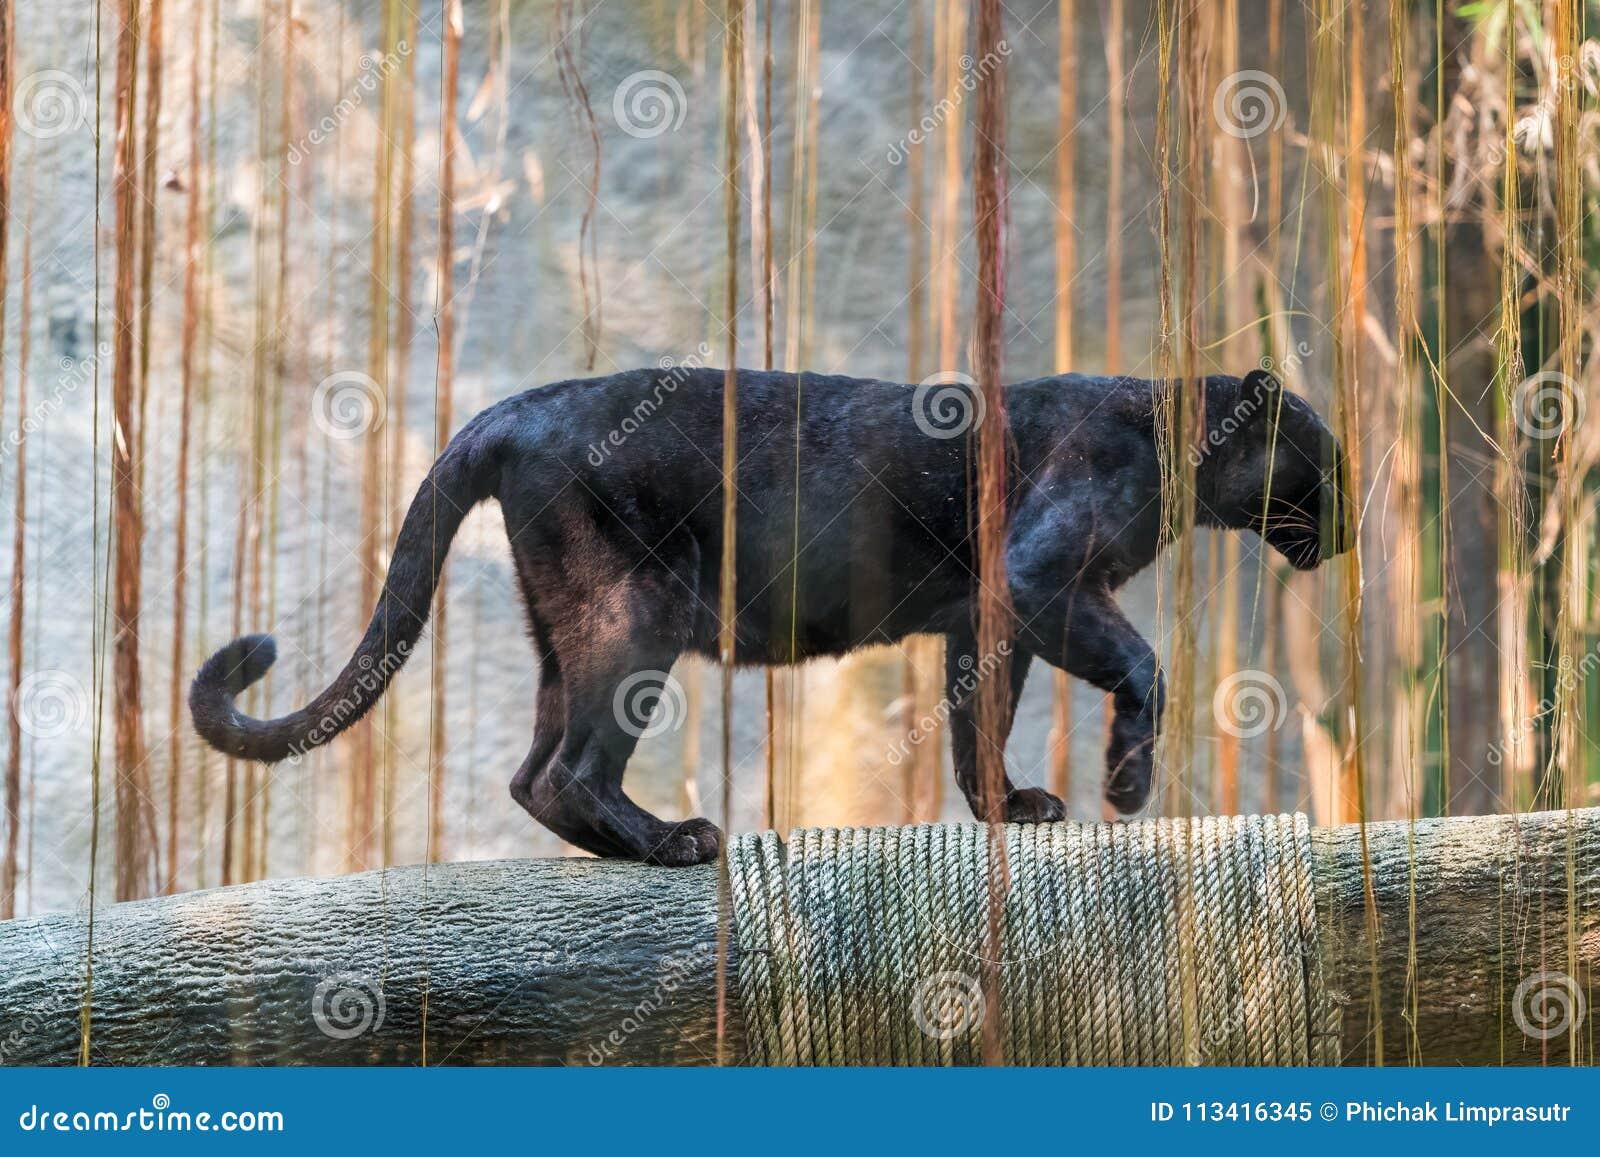 Ein schwarzer Panther ist die melanistic Farbvariante der großen Katze